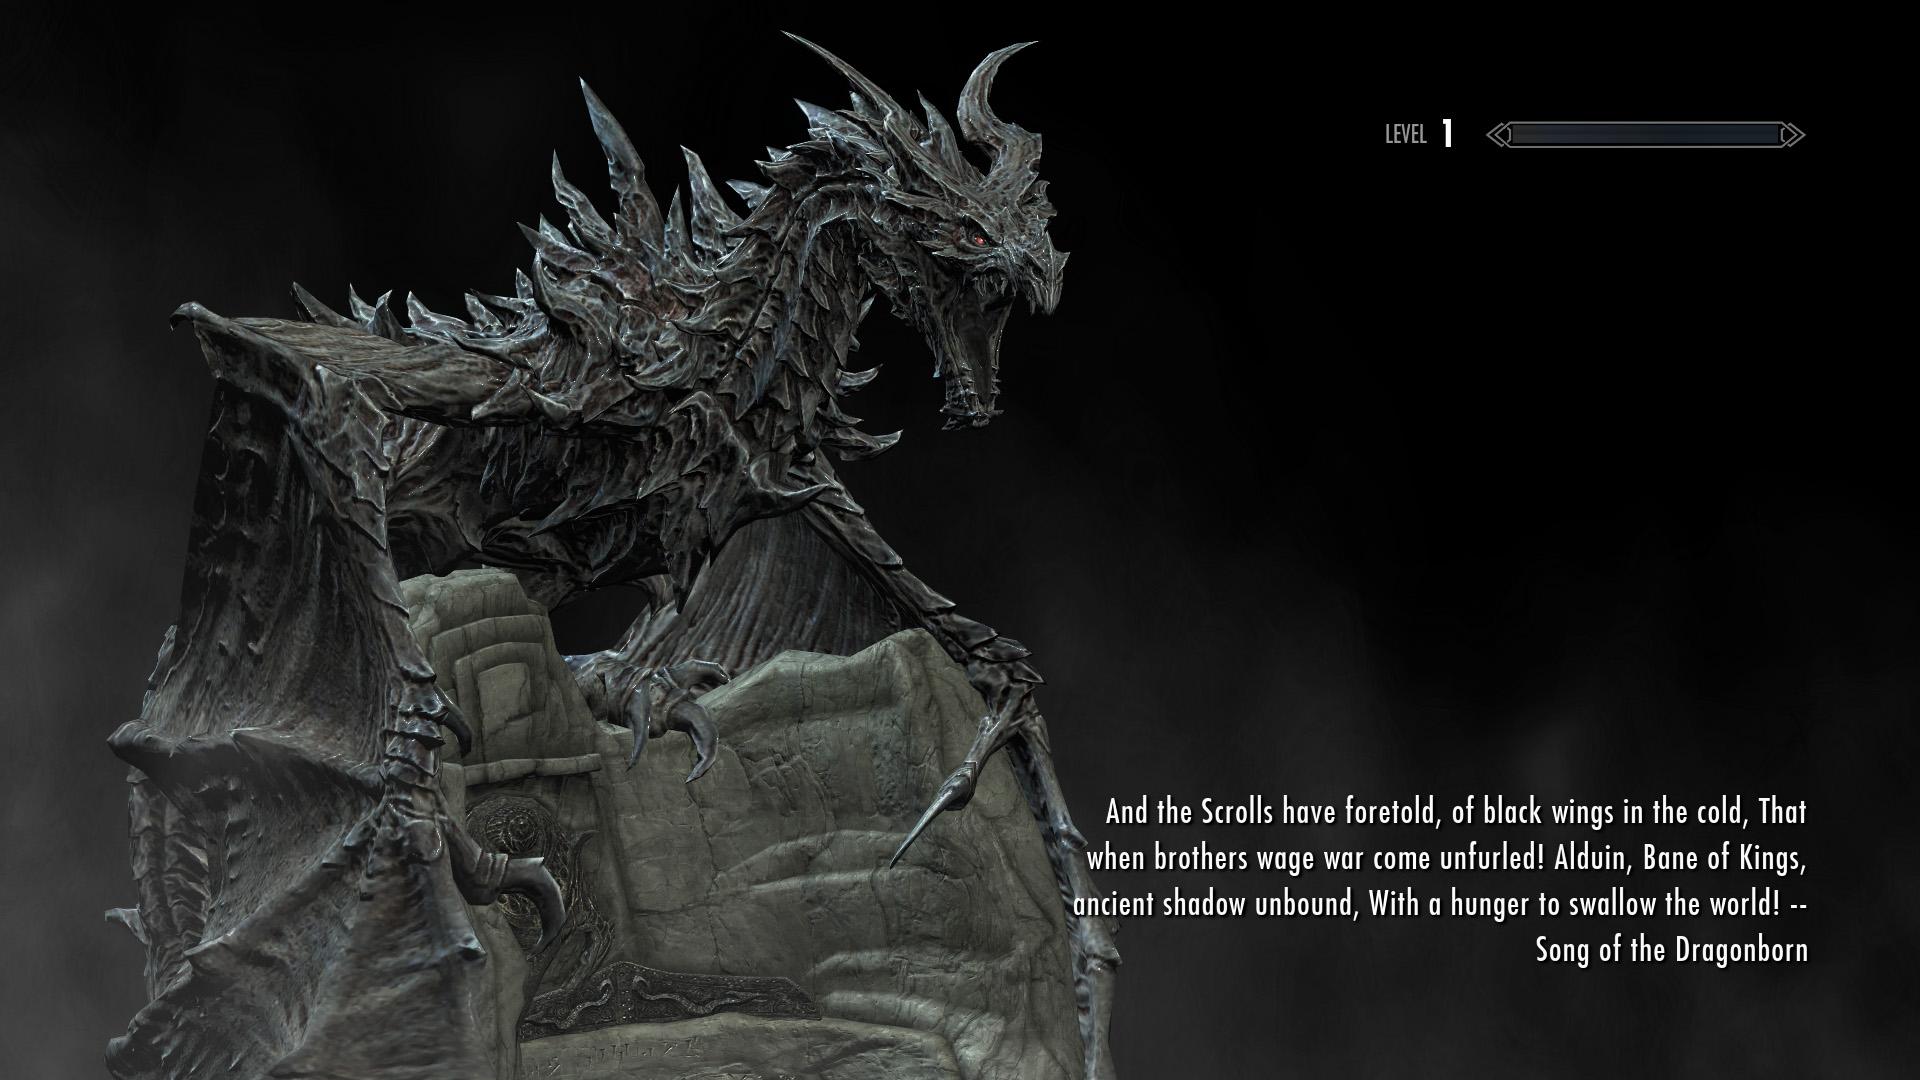 wallpaper dragon jackals waiting - photo #21